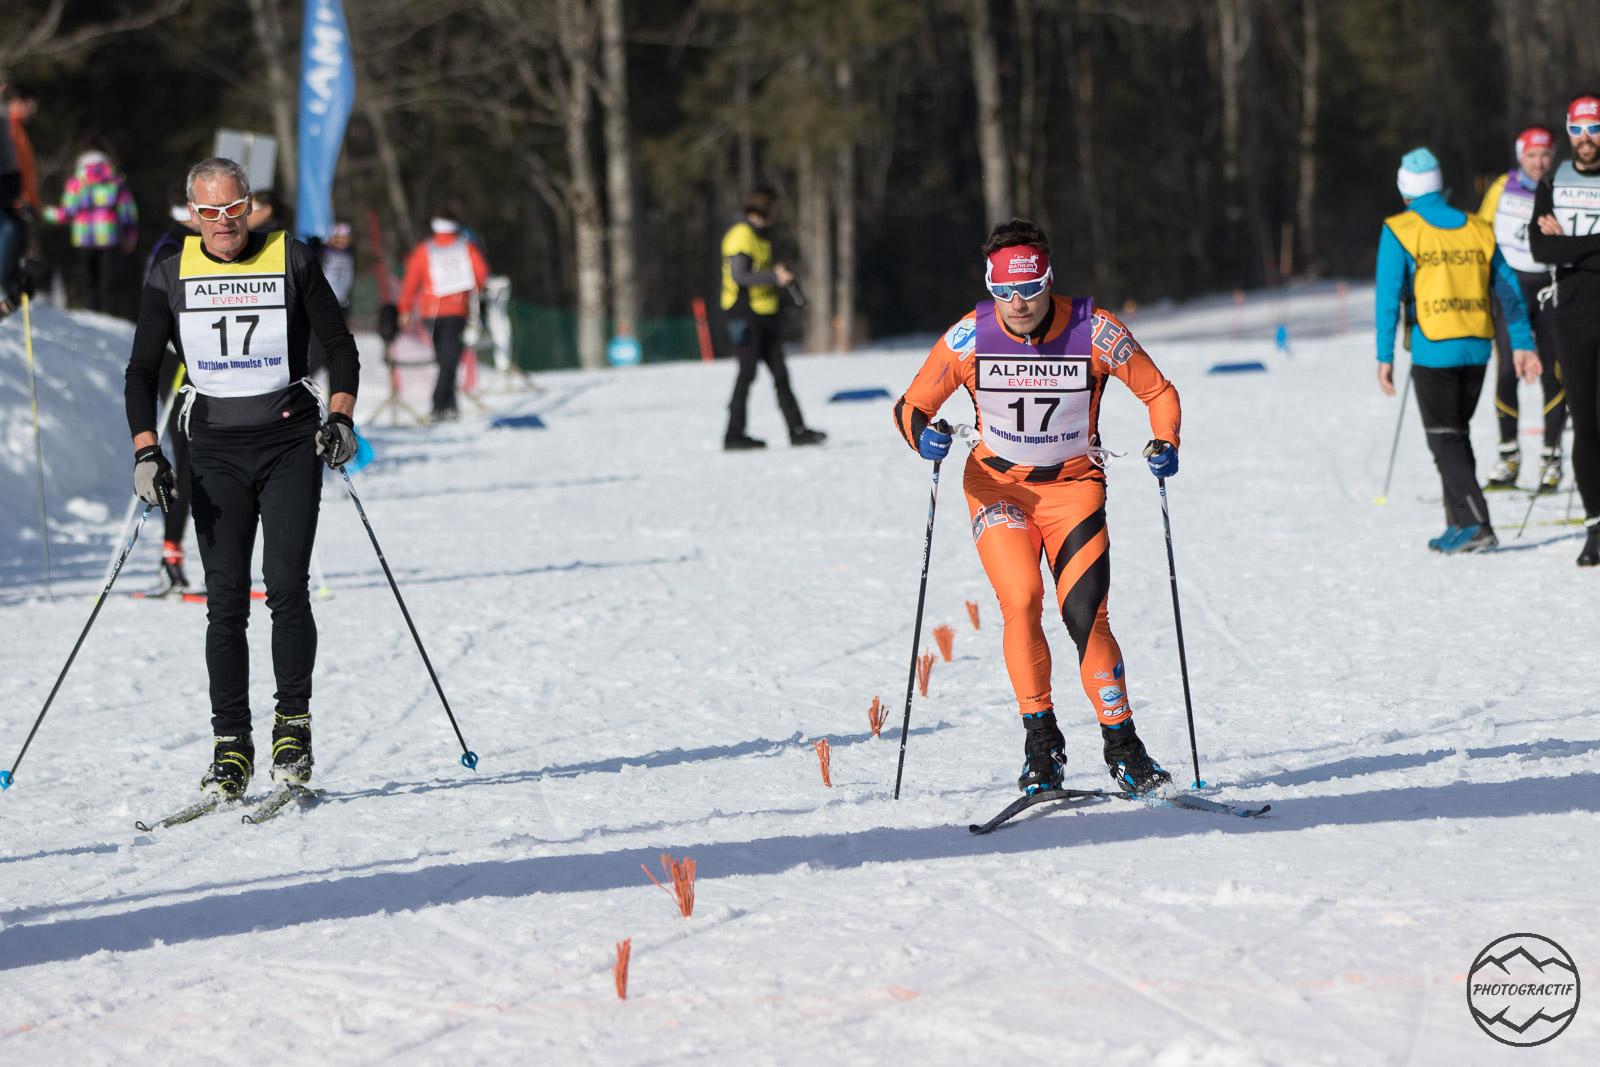 Biathlon Alpinum Les Contamines 2019 (78)